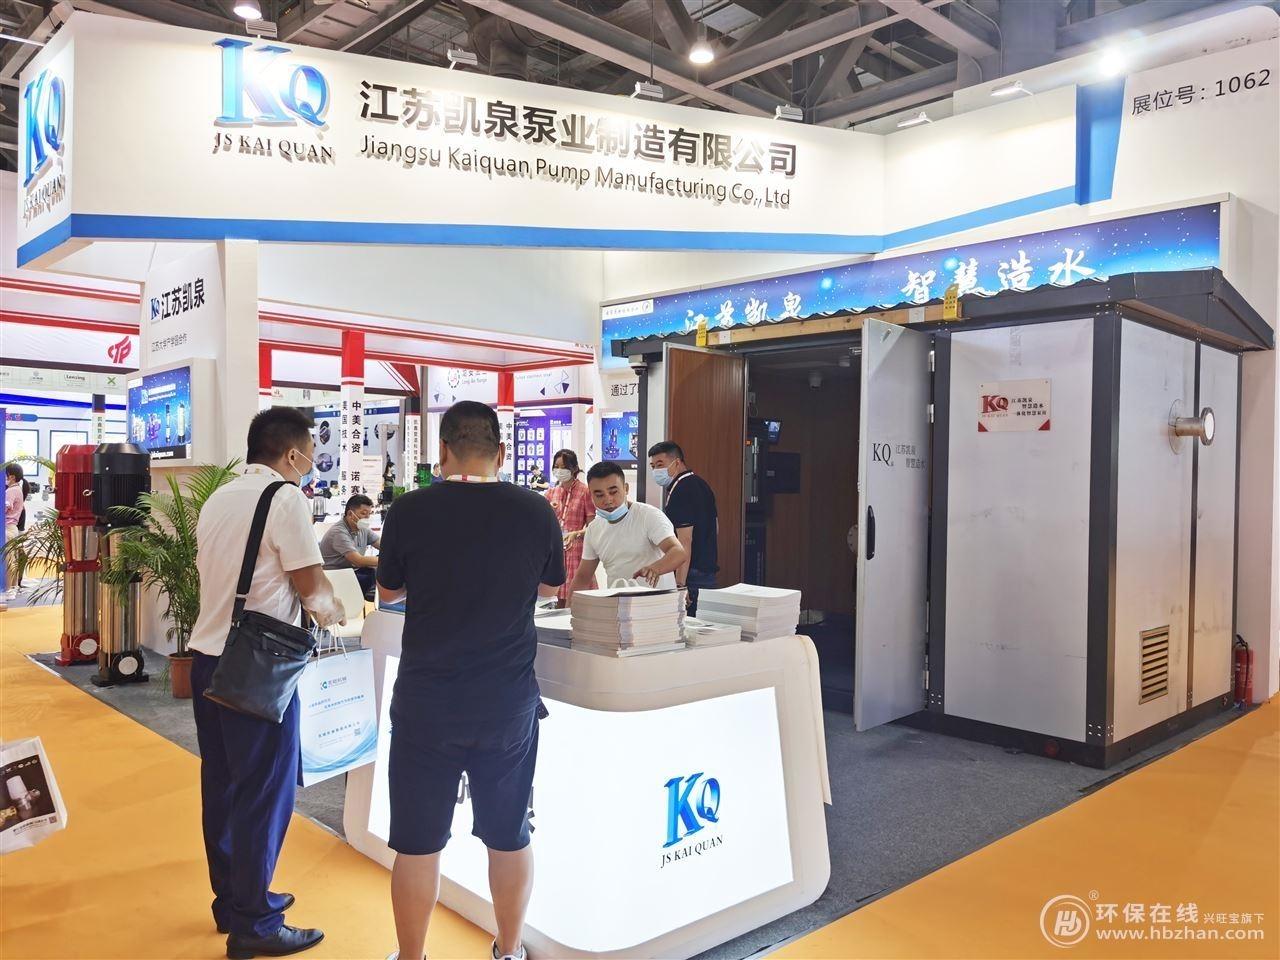 為泵持續賦能 江蘇凱泉多系列產品矩陣已形成——江蘇凱泉亮相2020廣東國際水展